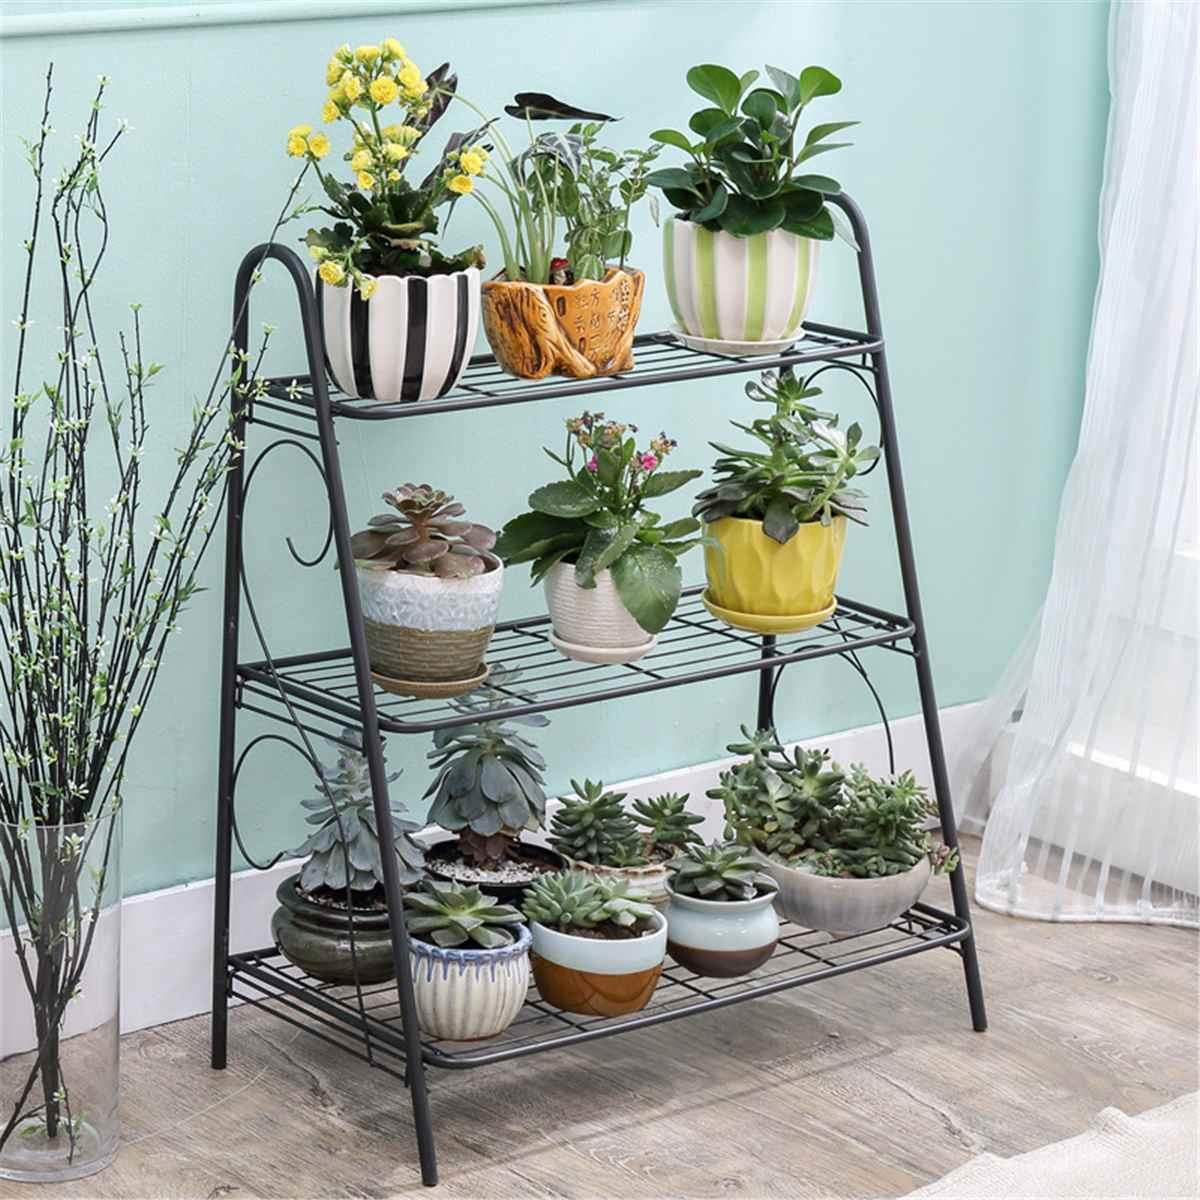 Soporte de planta de hierro de 3 capas, estante suculento, estante para balcón, jardín interior Simple, estante para maceta con flores, estante para libros, decoración del hogar